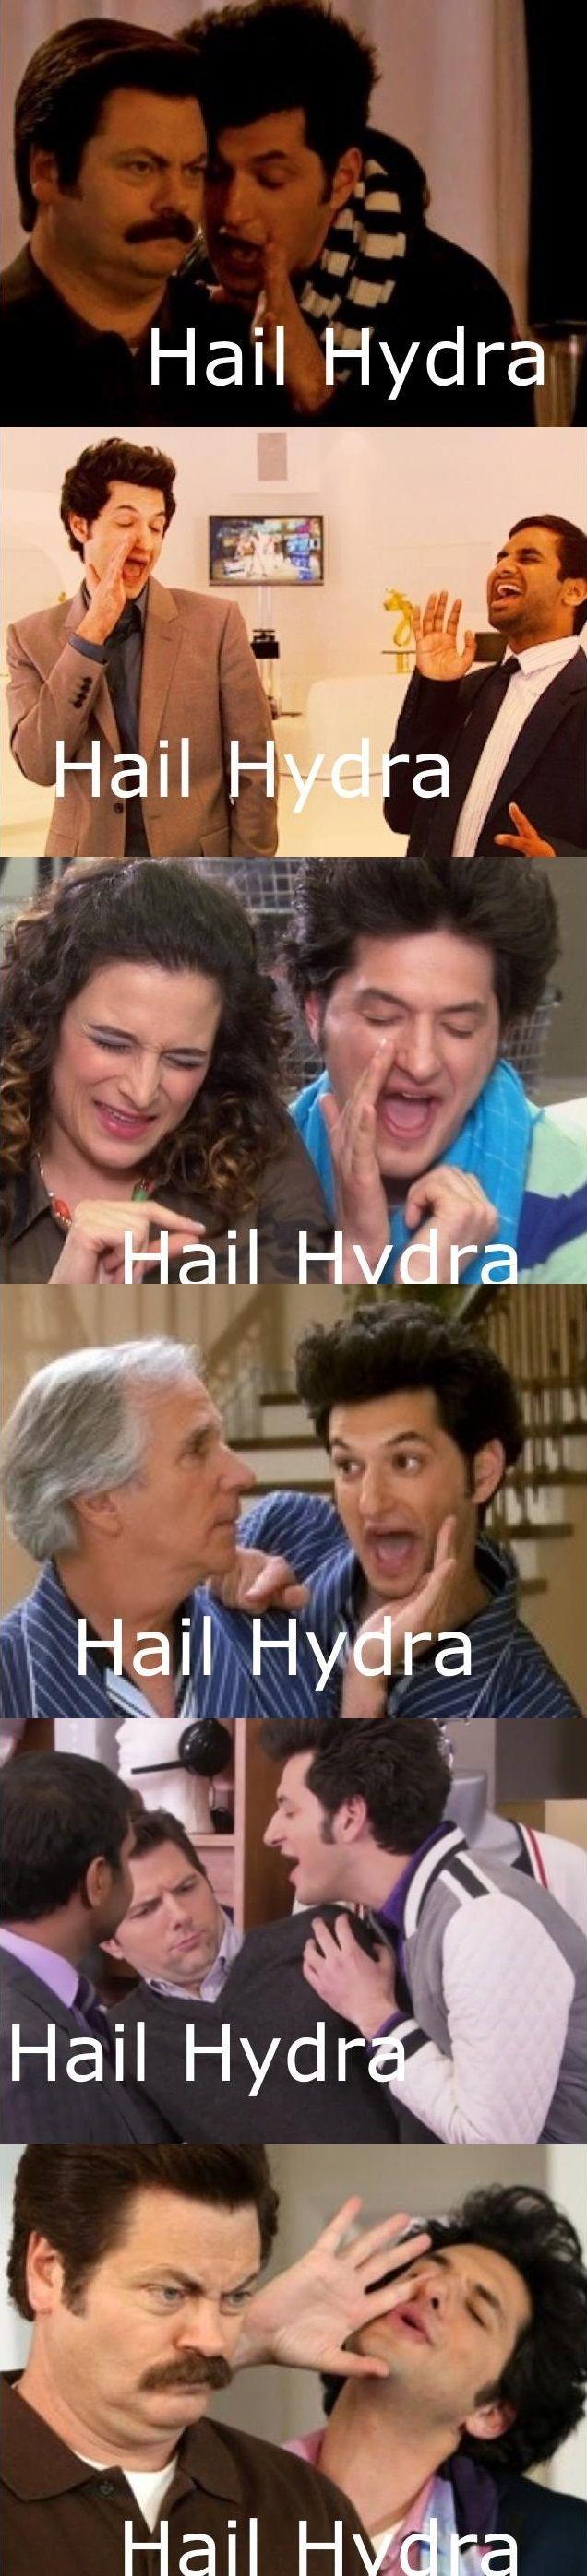 Best Hail Hydra memes